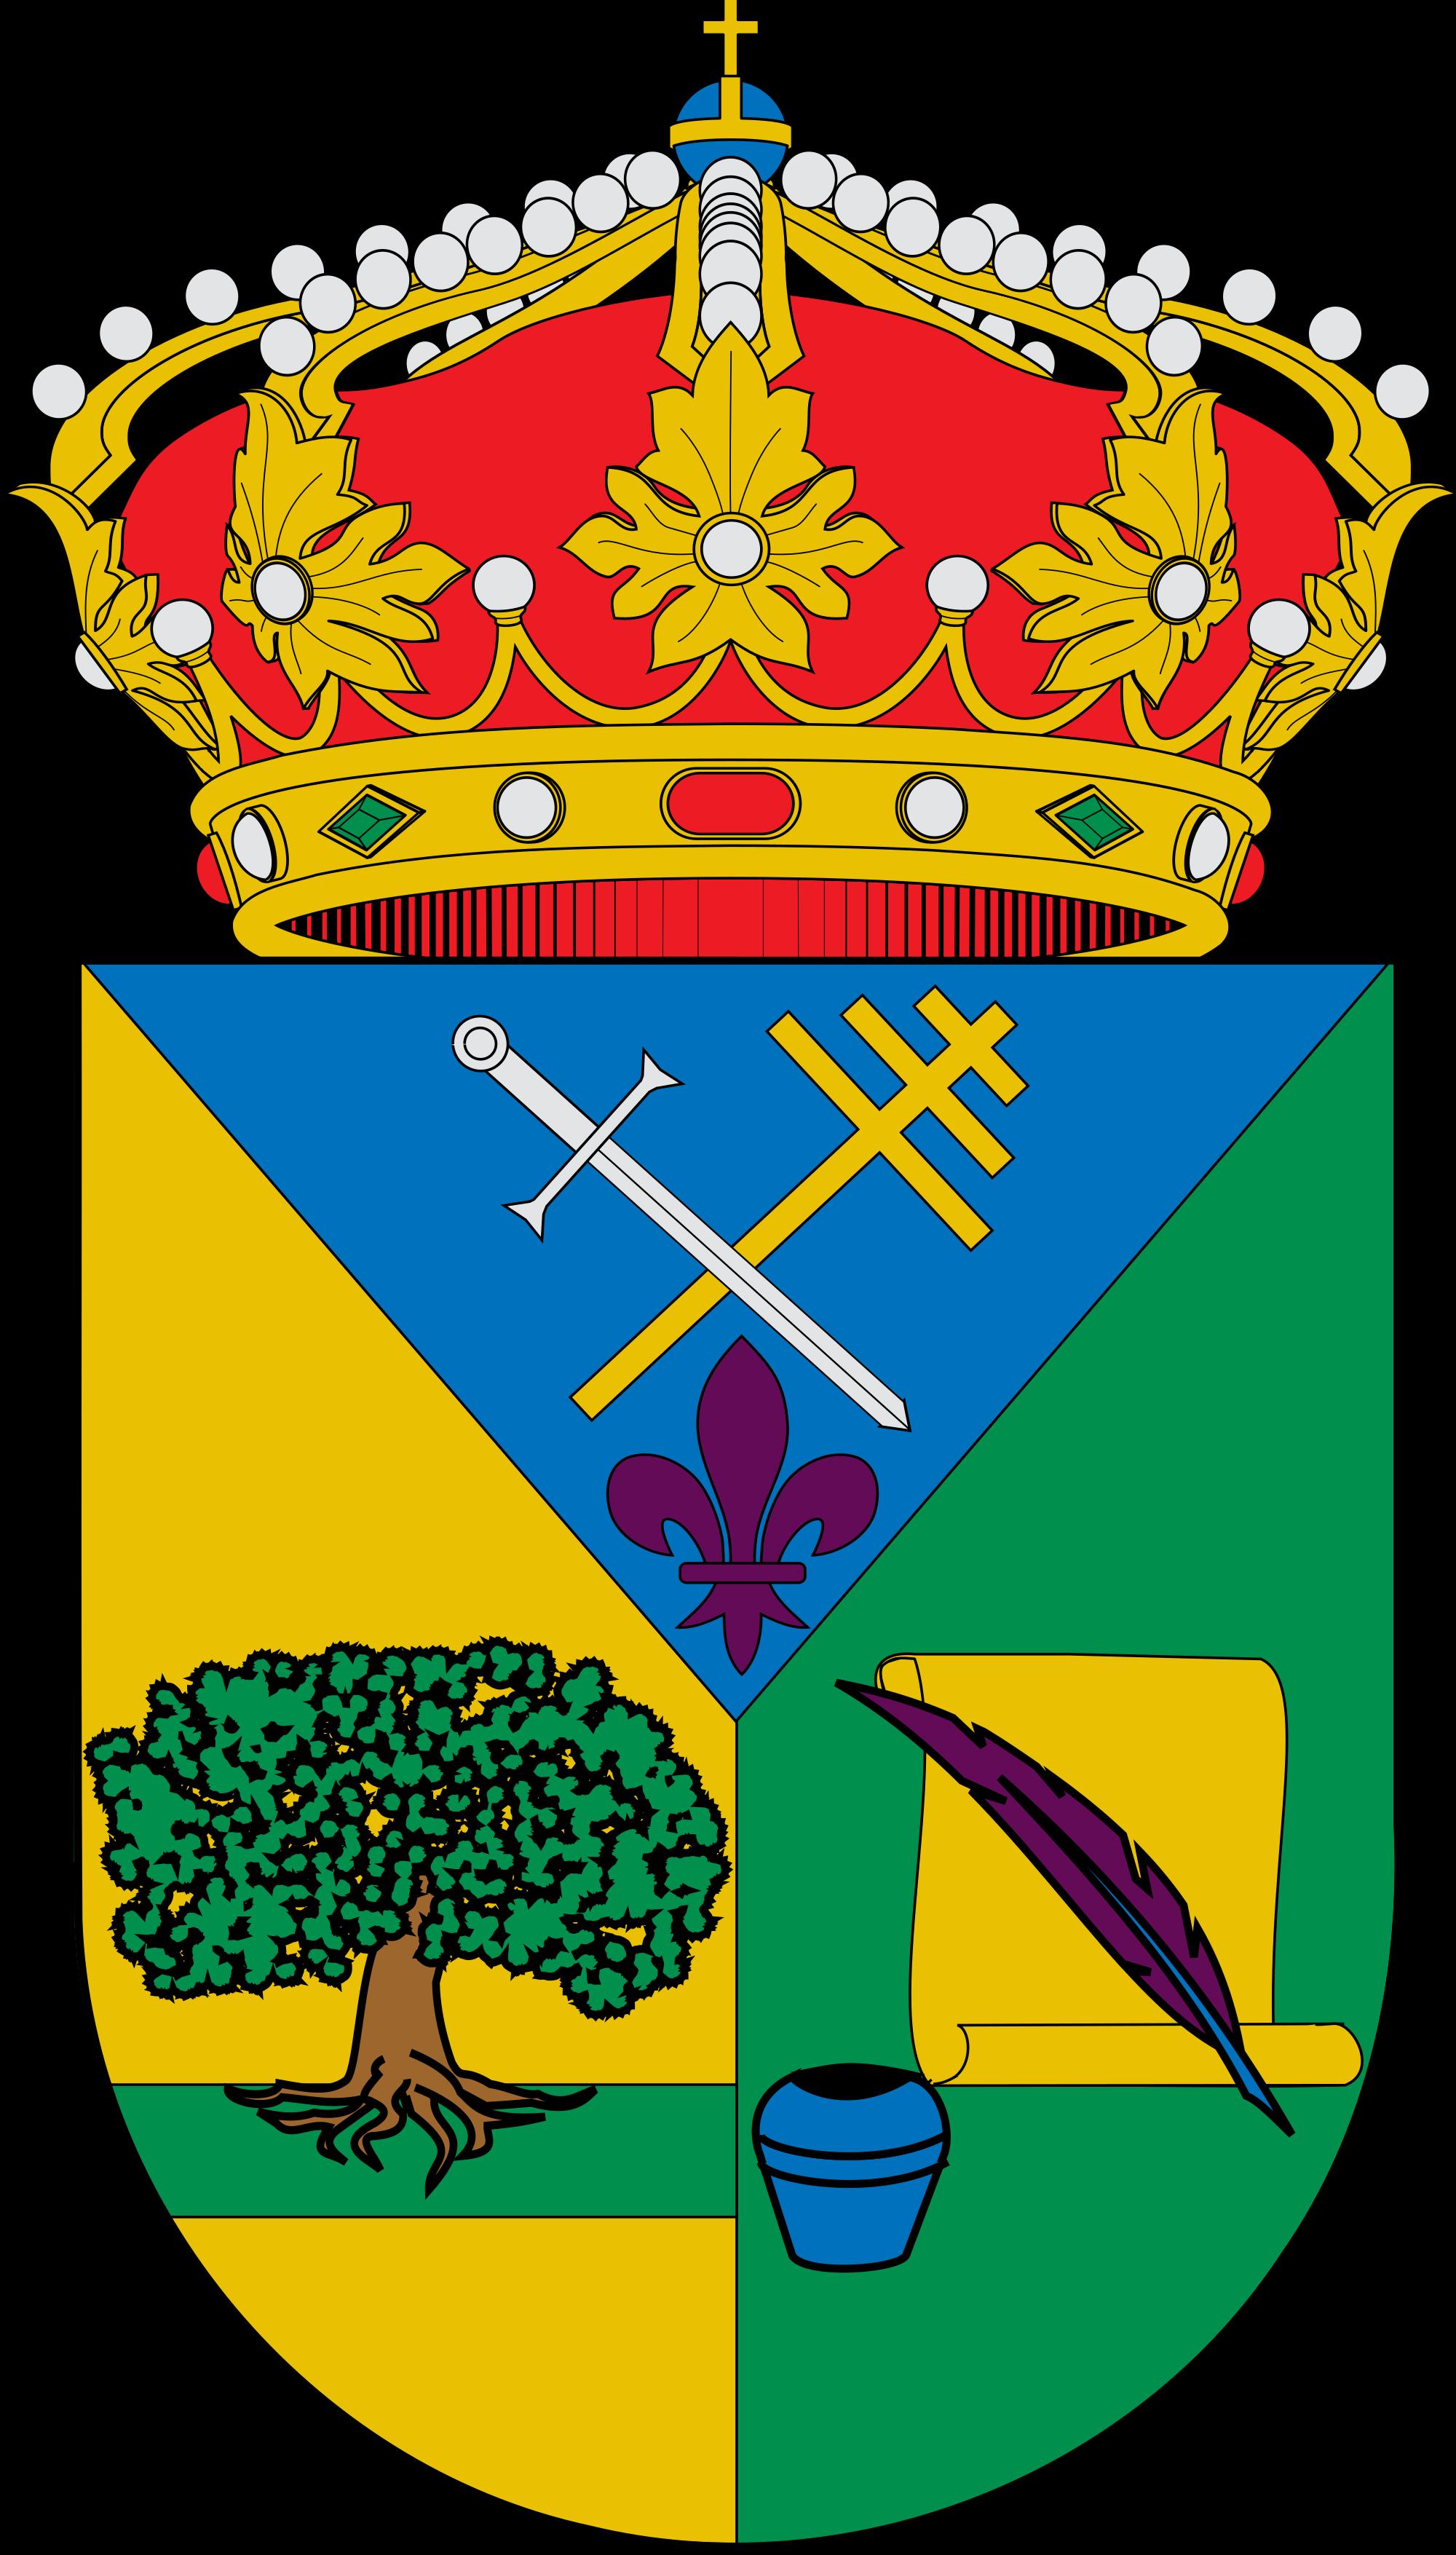 File:Escudo de La Encina de San Silvestre.svg.